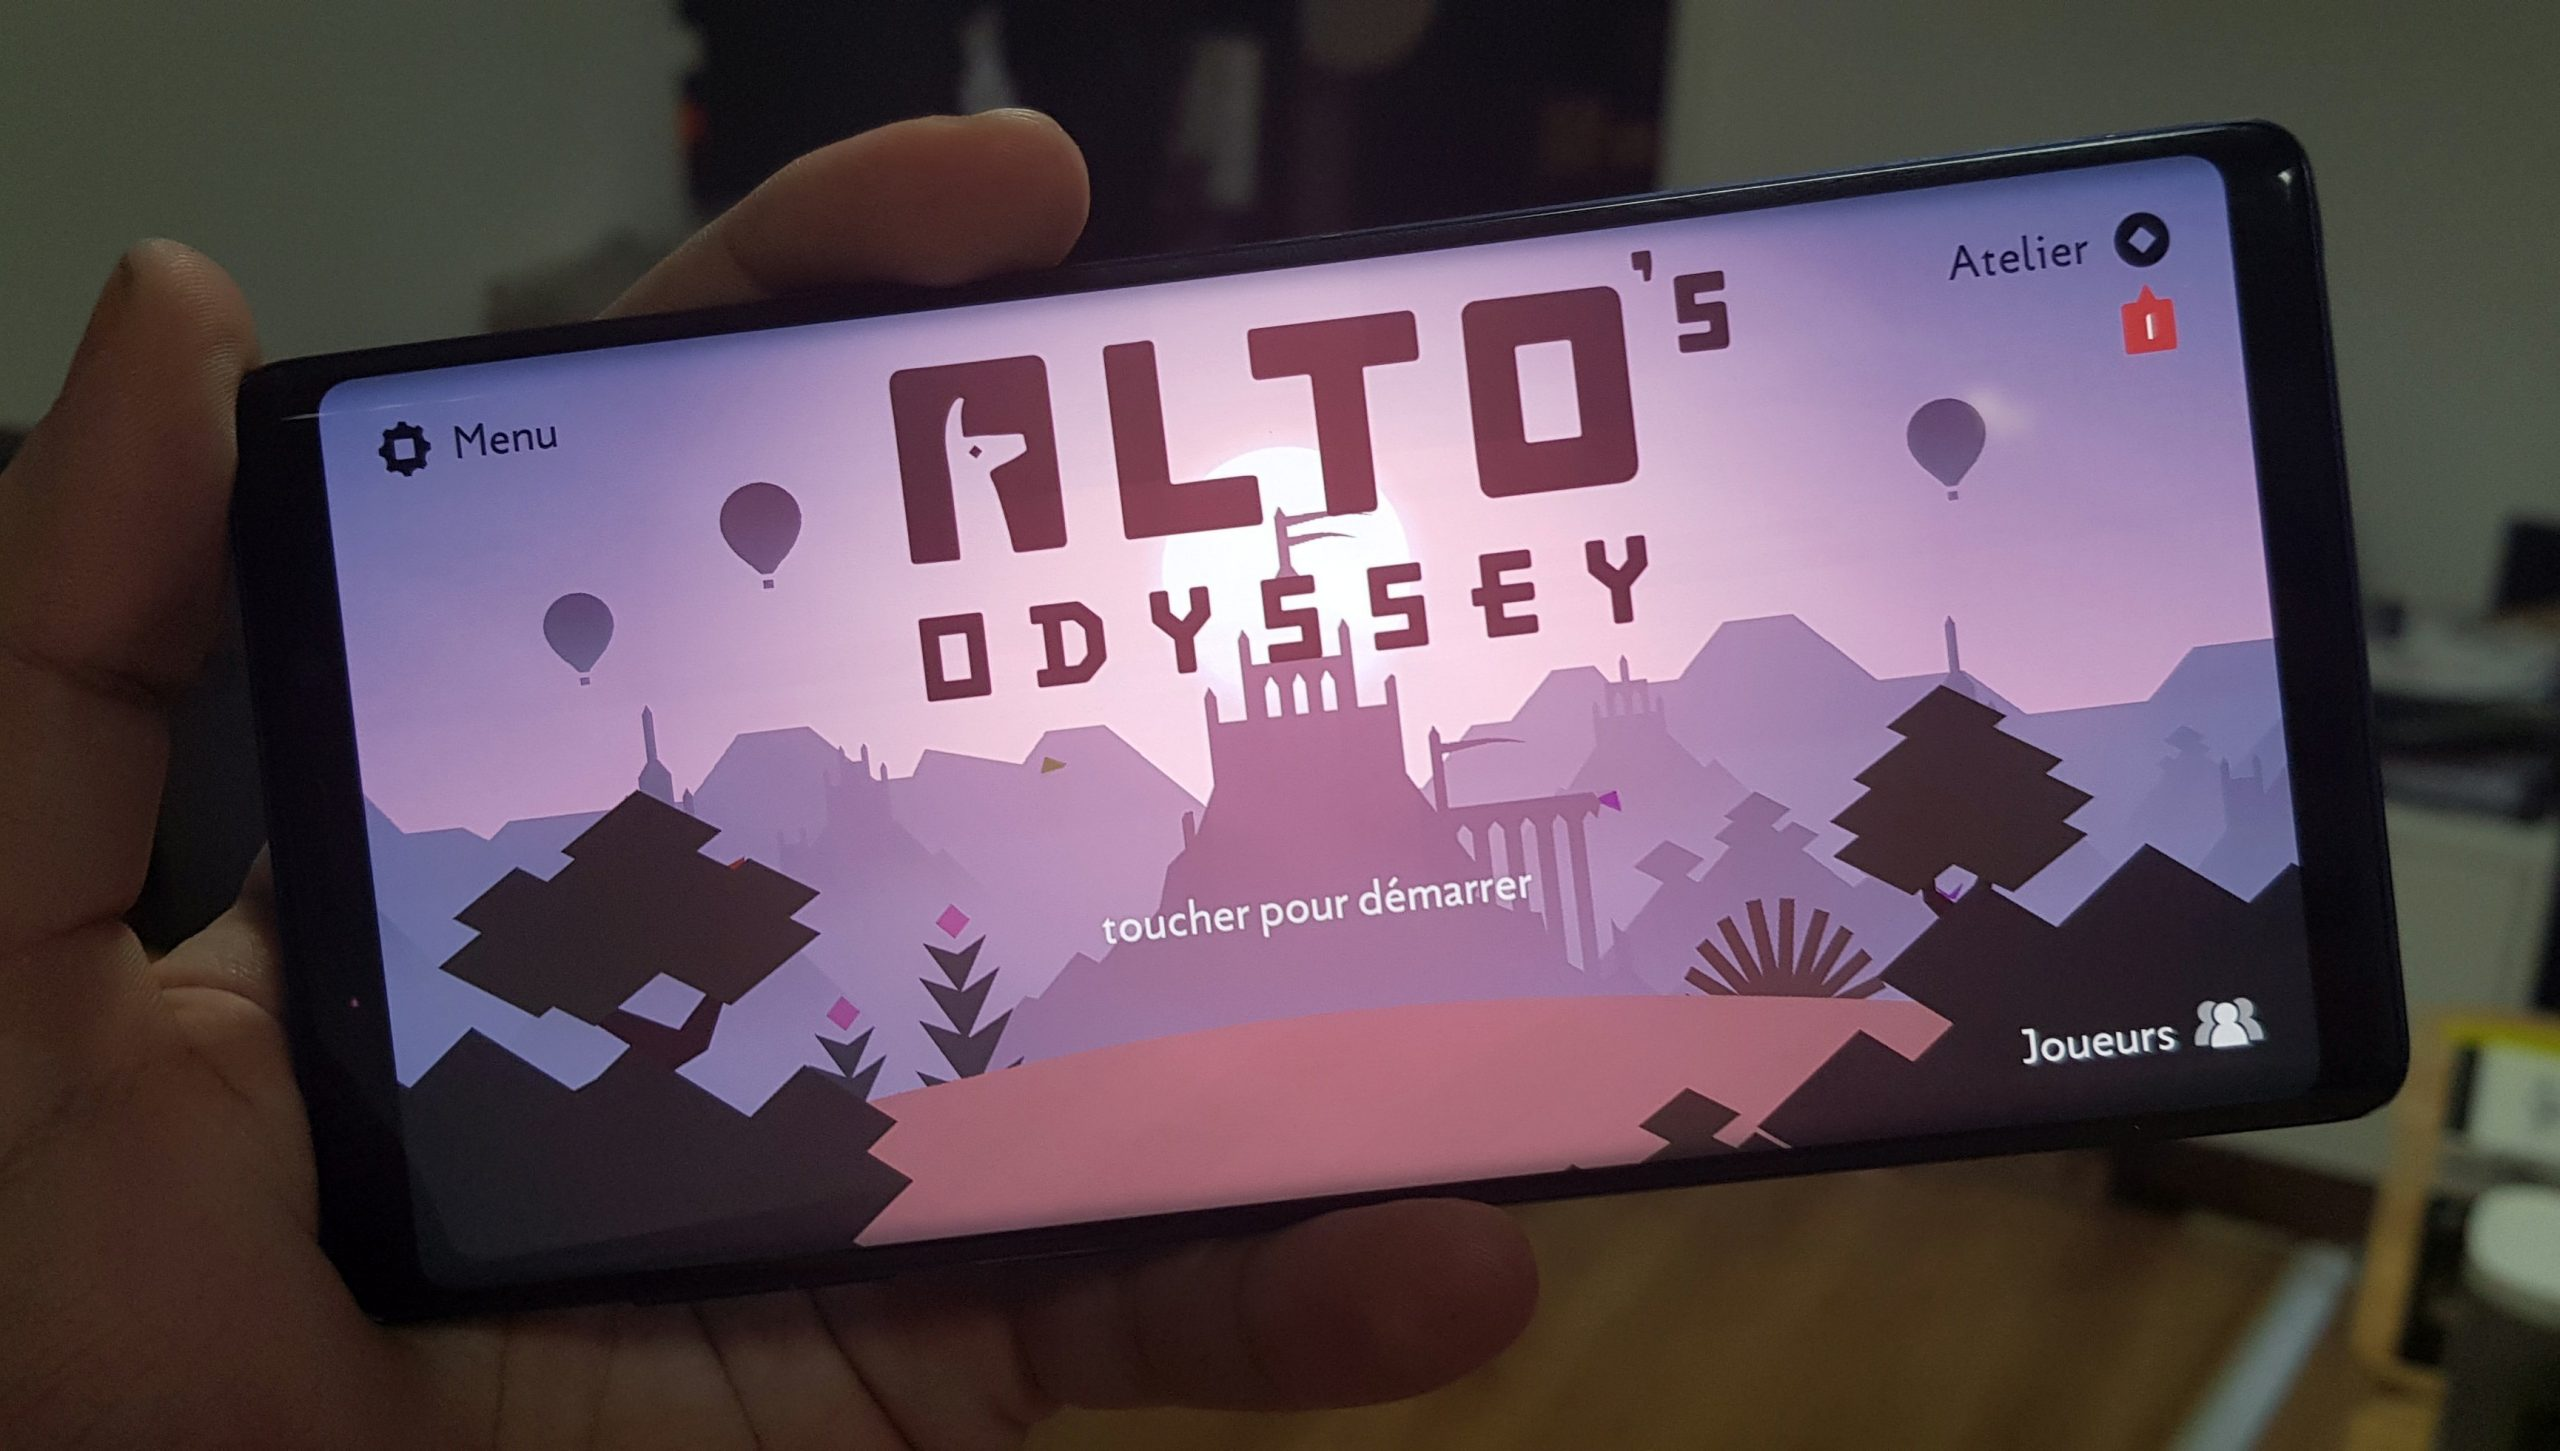 Jeux Android, Sélection Des Meilleurs Jeux Android pour Jouer Jeux De Strategie En Ligne Gratuit